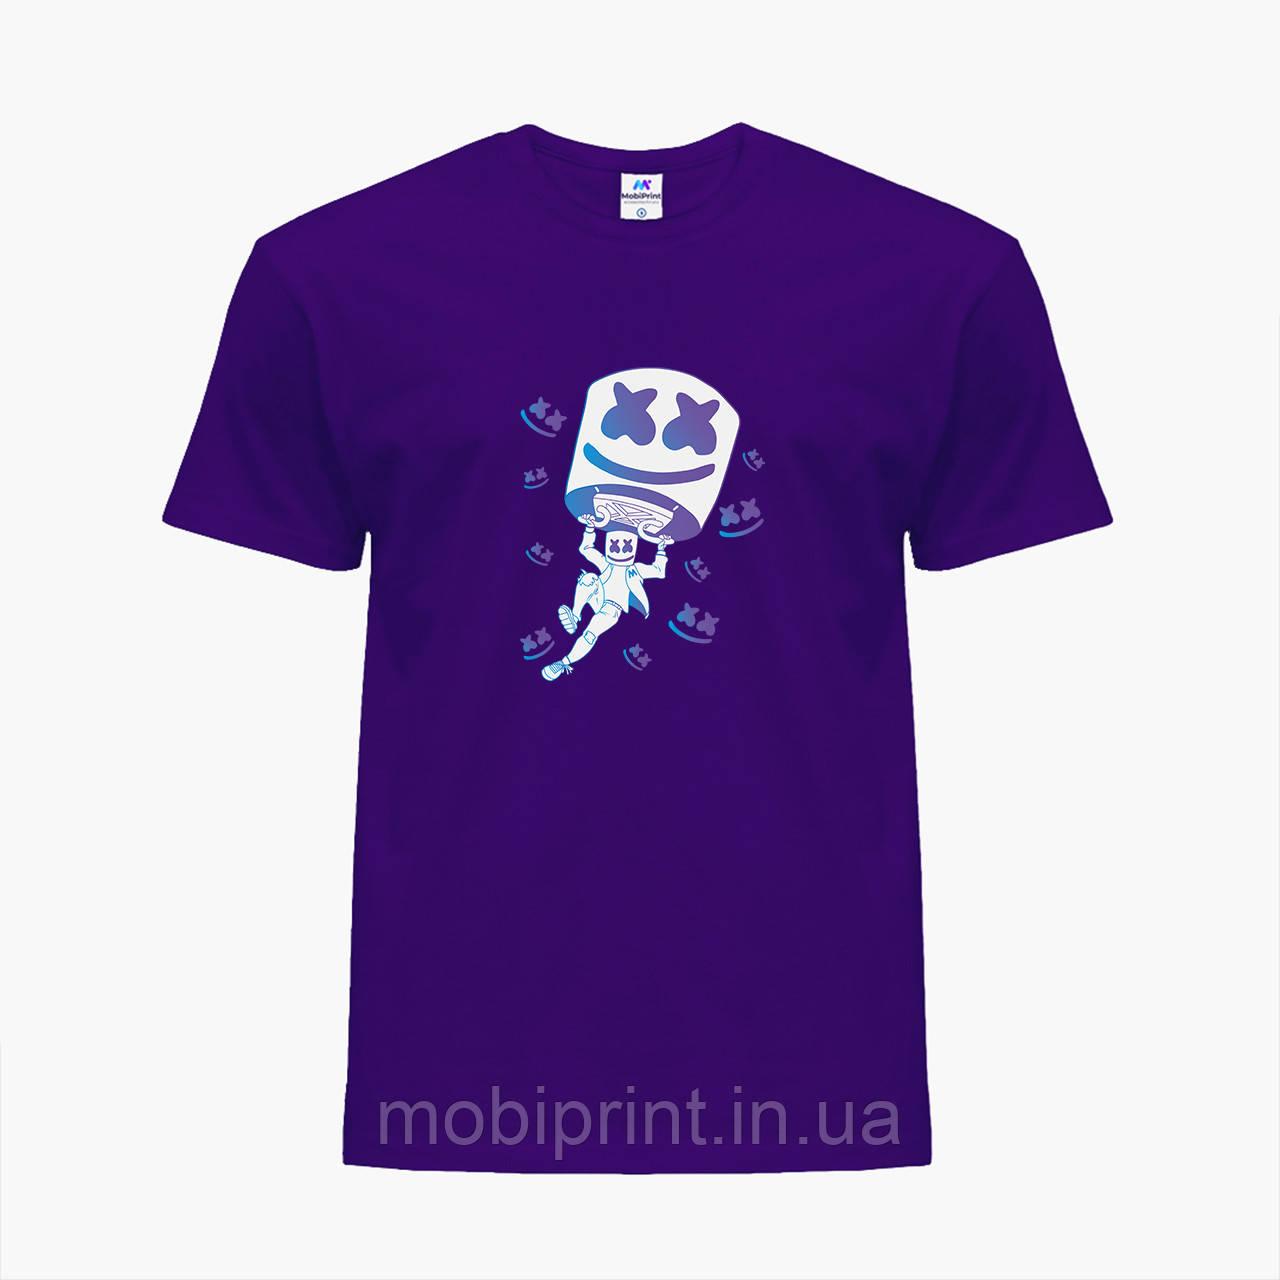 Детская футболка для мальчиков Маршмелло Фортнайт (Marshmello Fortnite) (25186-1329) Фиолетовый